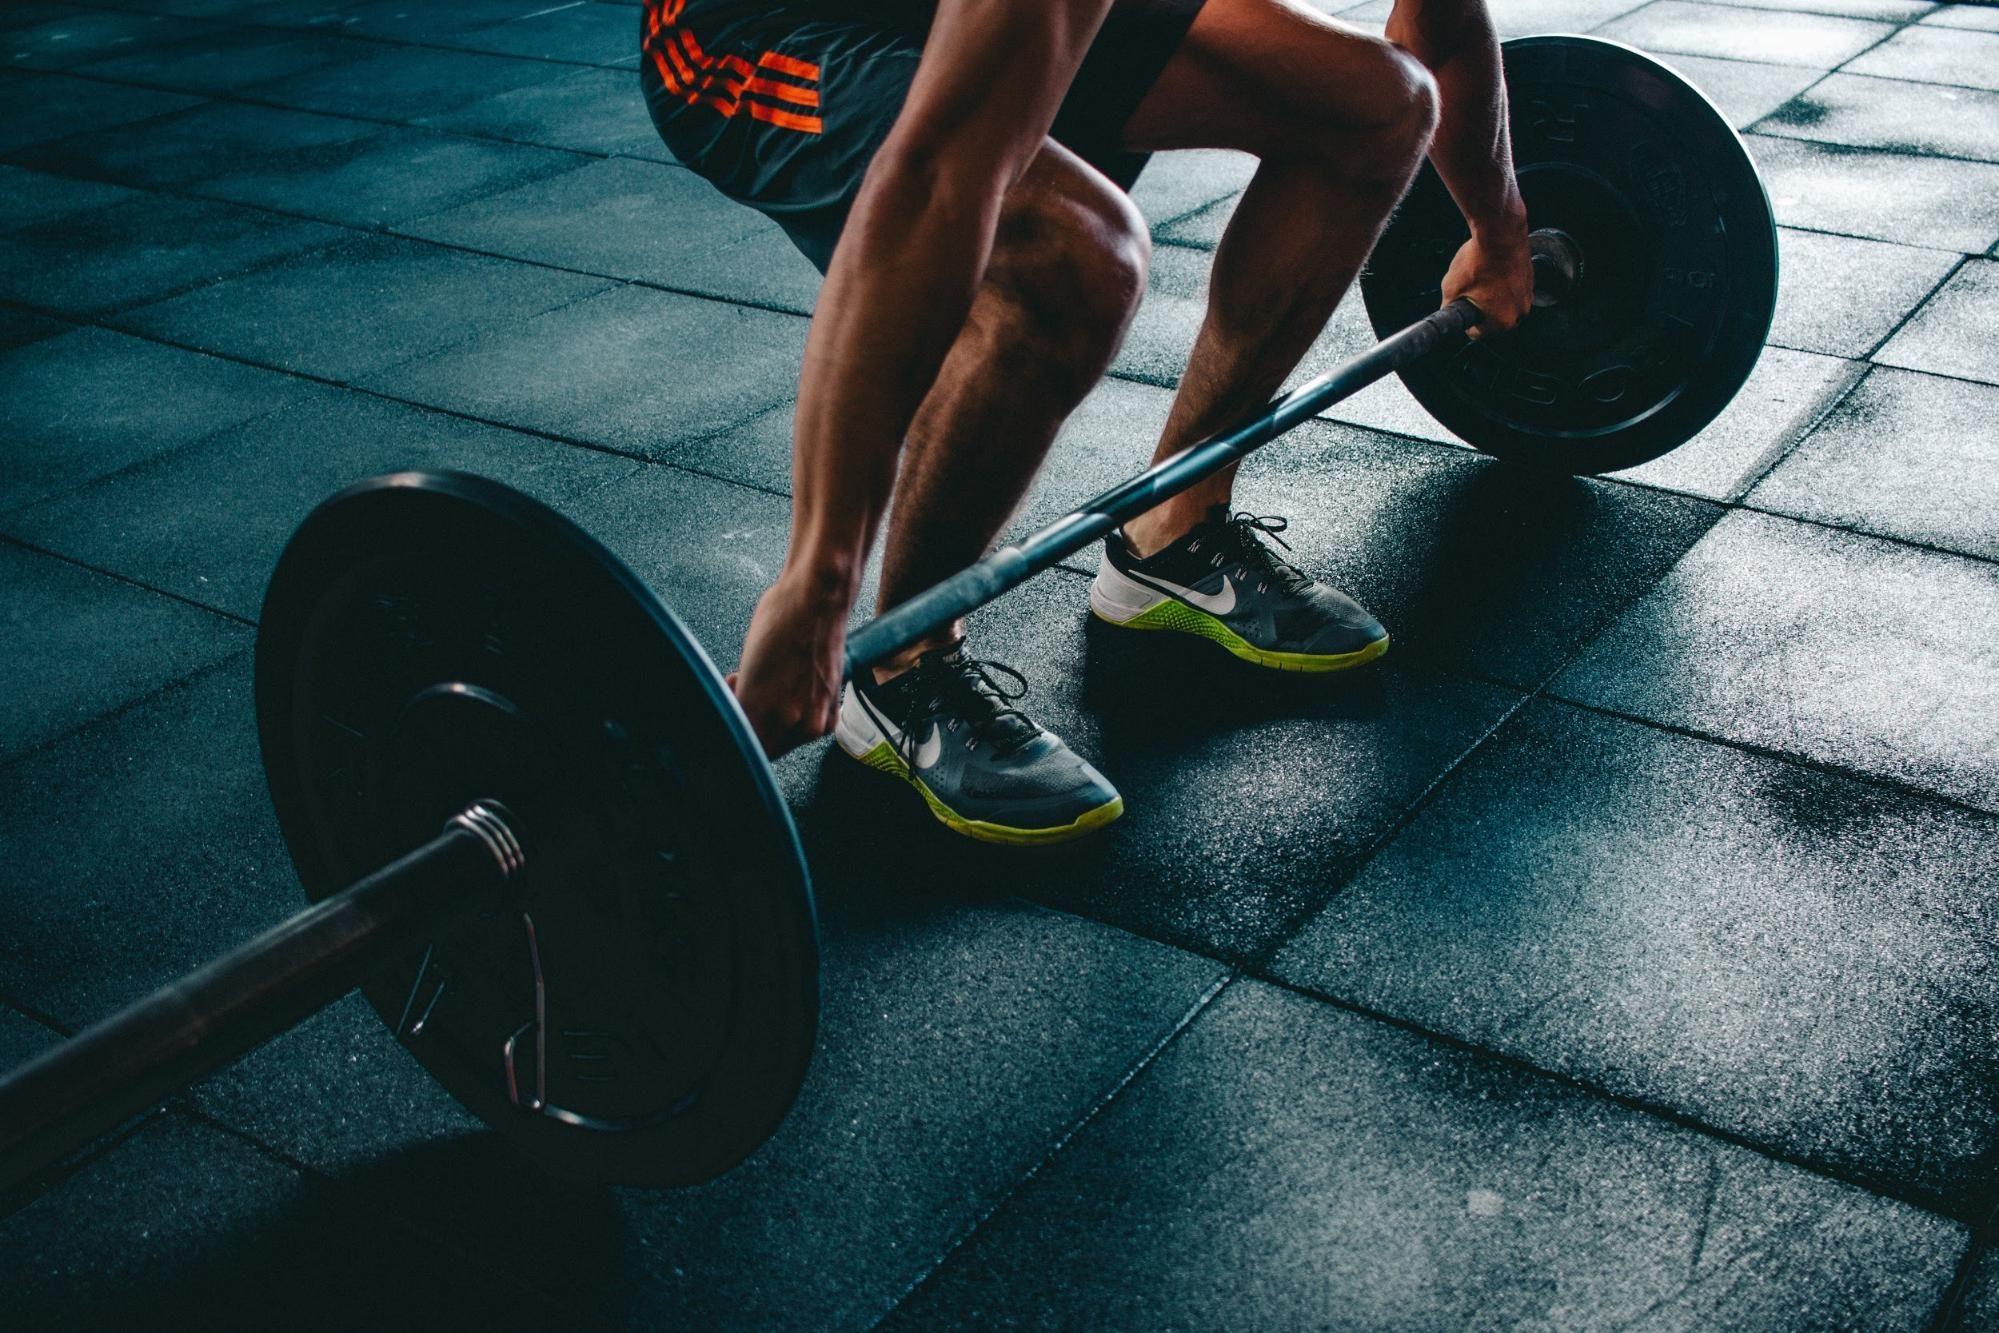 Мужские тренировки в зале на массу - повышаем выносливость, укрепляем рельеф - изображение 1